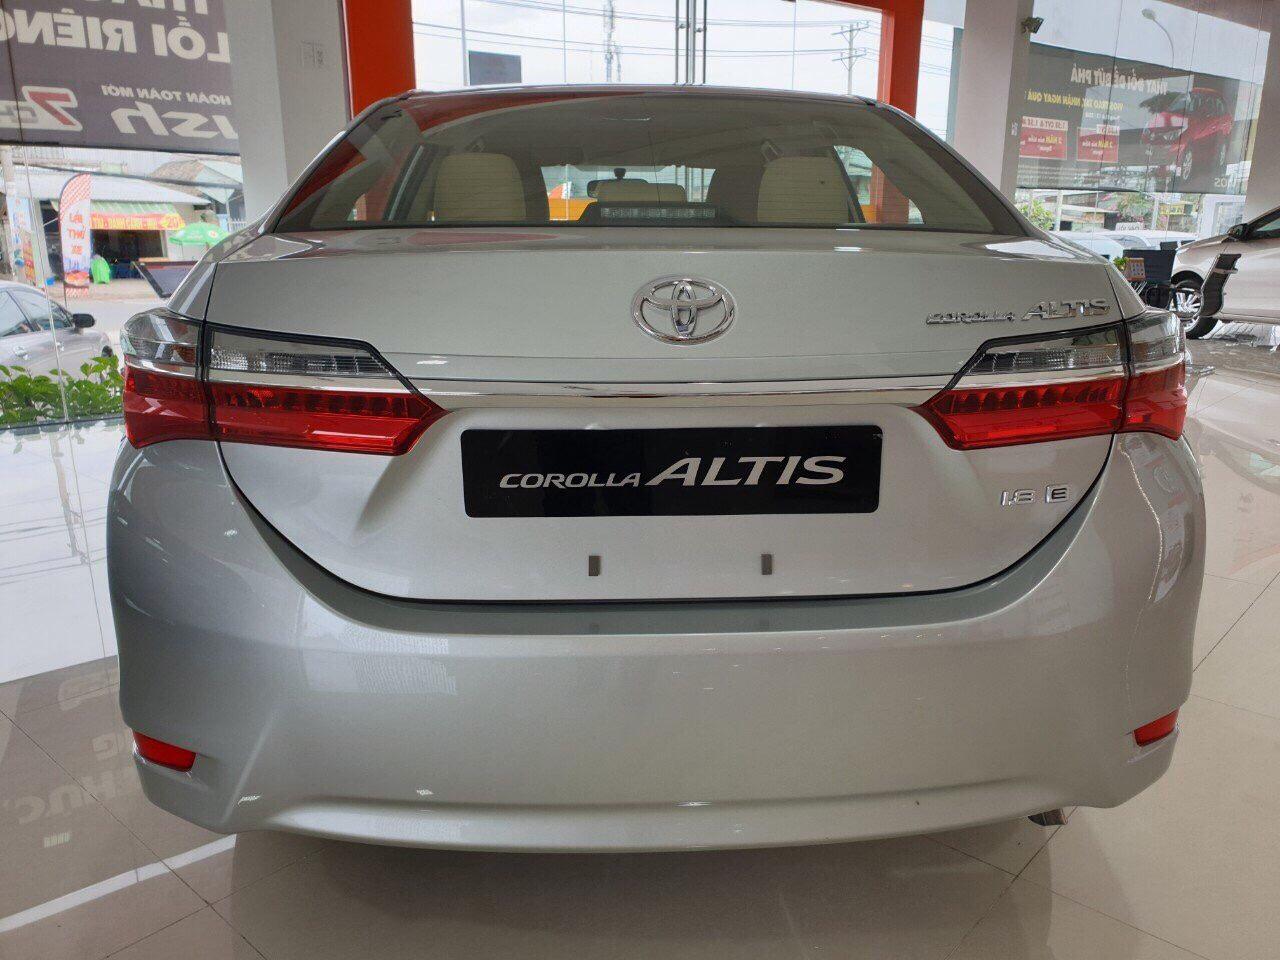 Altis 1.8 E MT số sàn ảnh 5 - Altis 1.8 E MT [hienthinam] số sàn: khuyến mãi và giá xe cập nhật mới